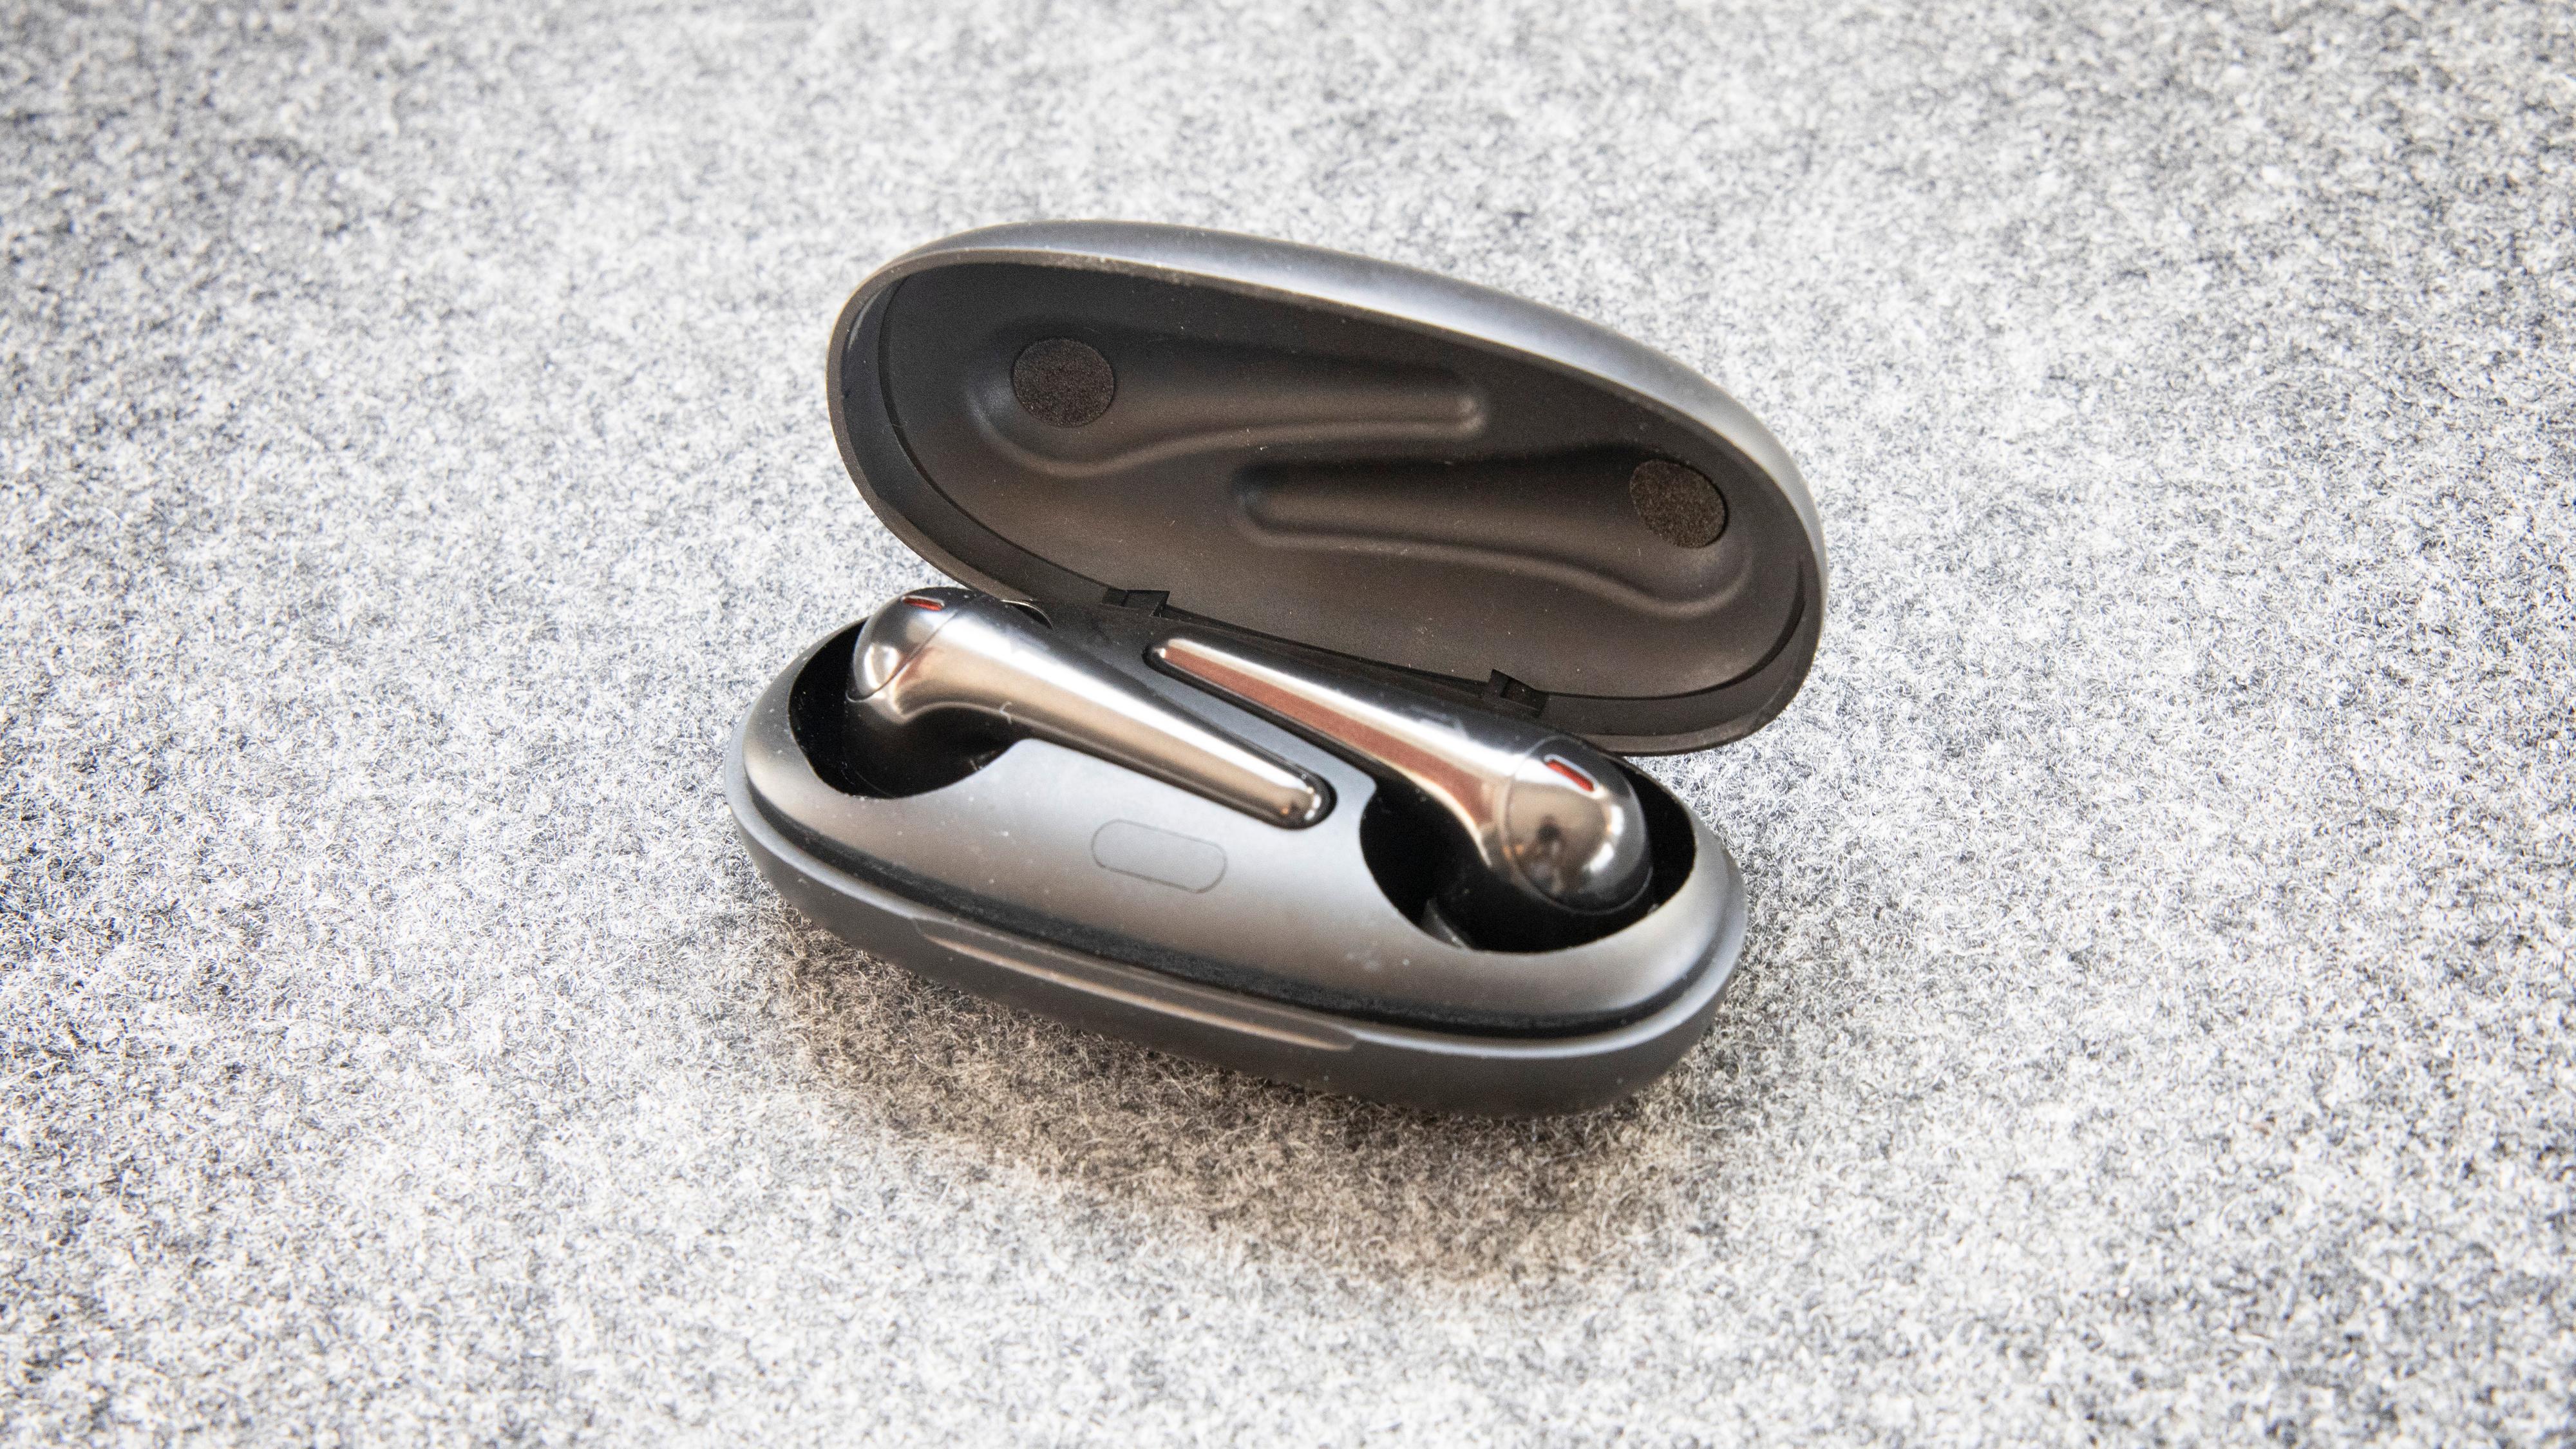 Proppene festes med magneter, og du dytter innerst på stammen for å vippe dem litt opp av etuiet.